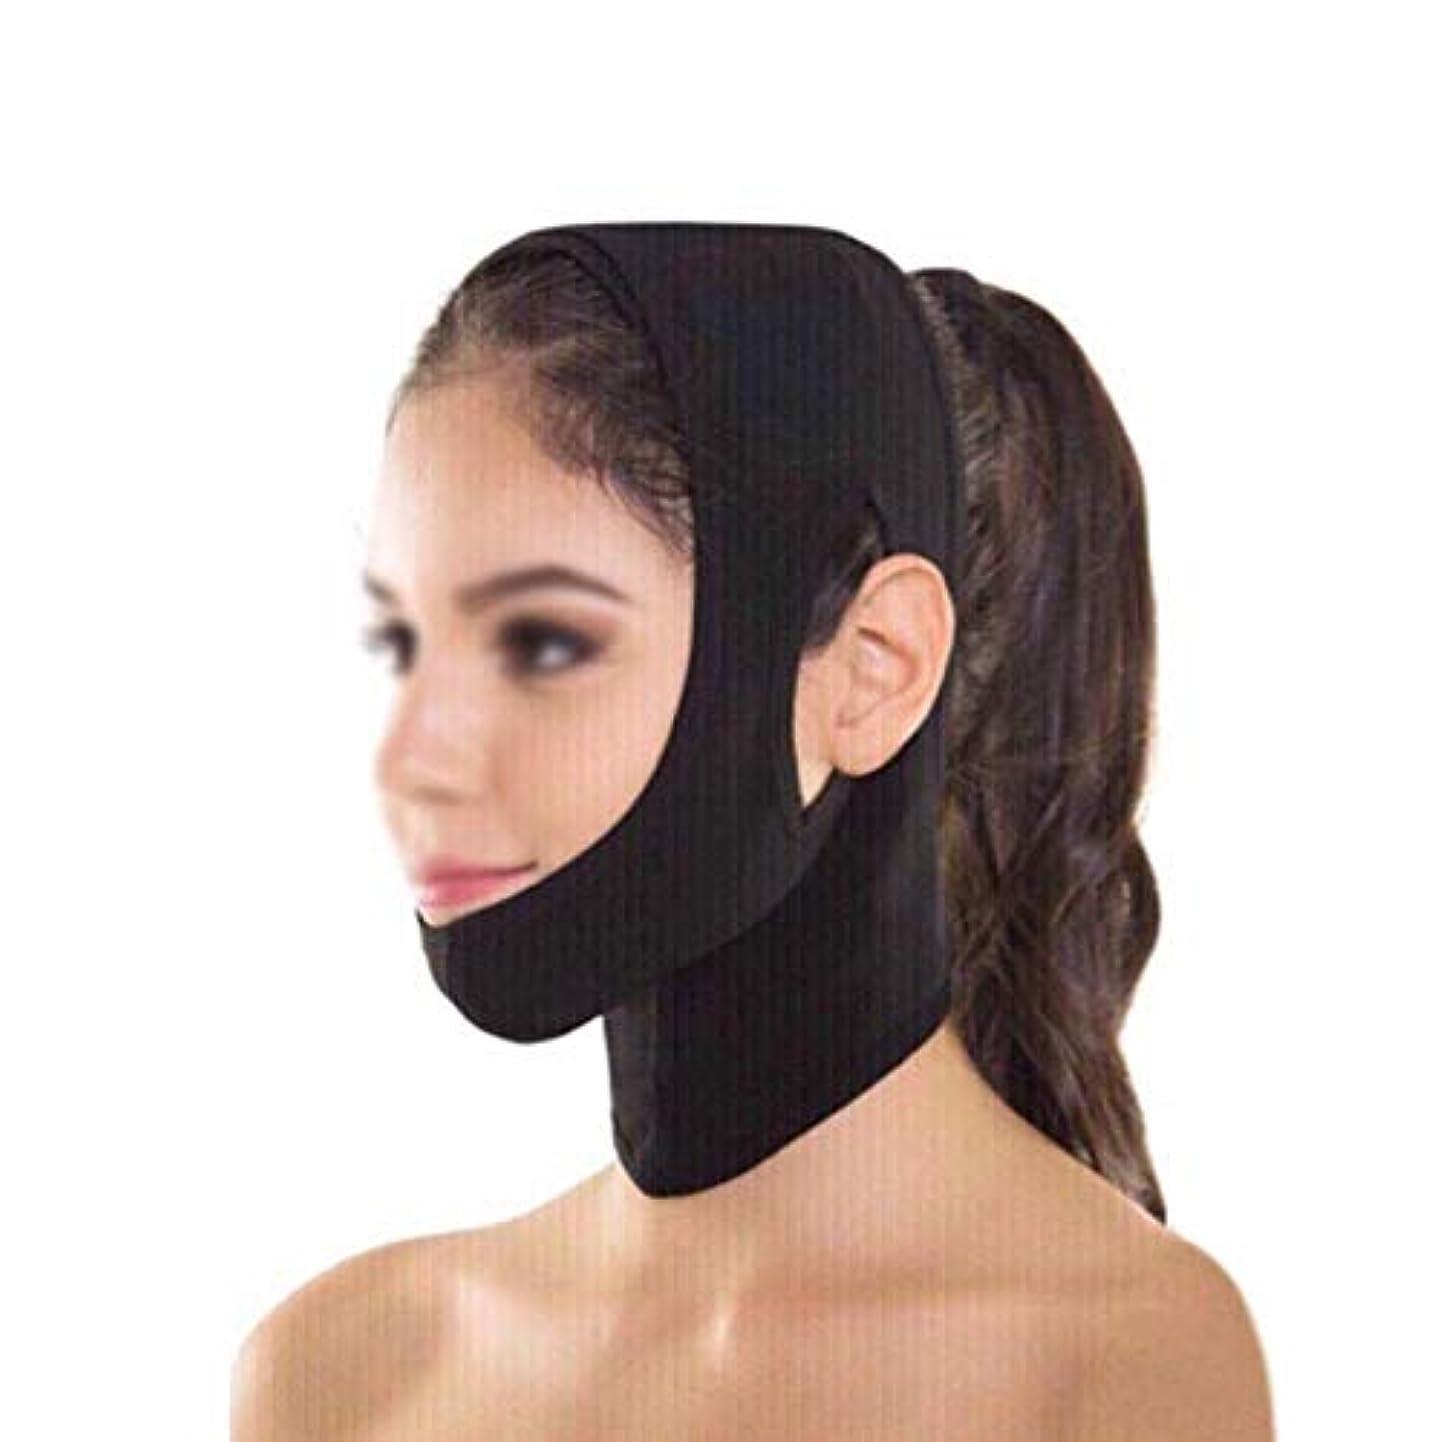 メイン保険をかけるピークフェイスリフティングバンデージ、フェイスリフティングマスク、顔面の首と首を持ち上げる、顔を持ち上げて二重あごを減らす(フリーサイズ)(カラー:カーキ色),ブラック